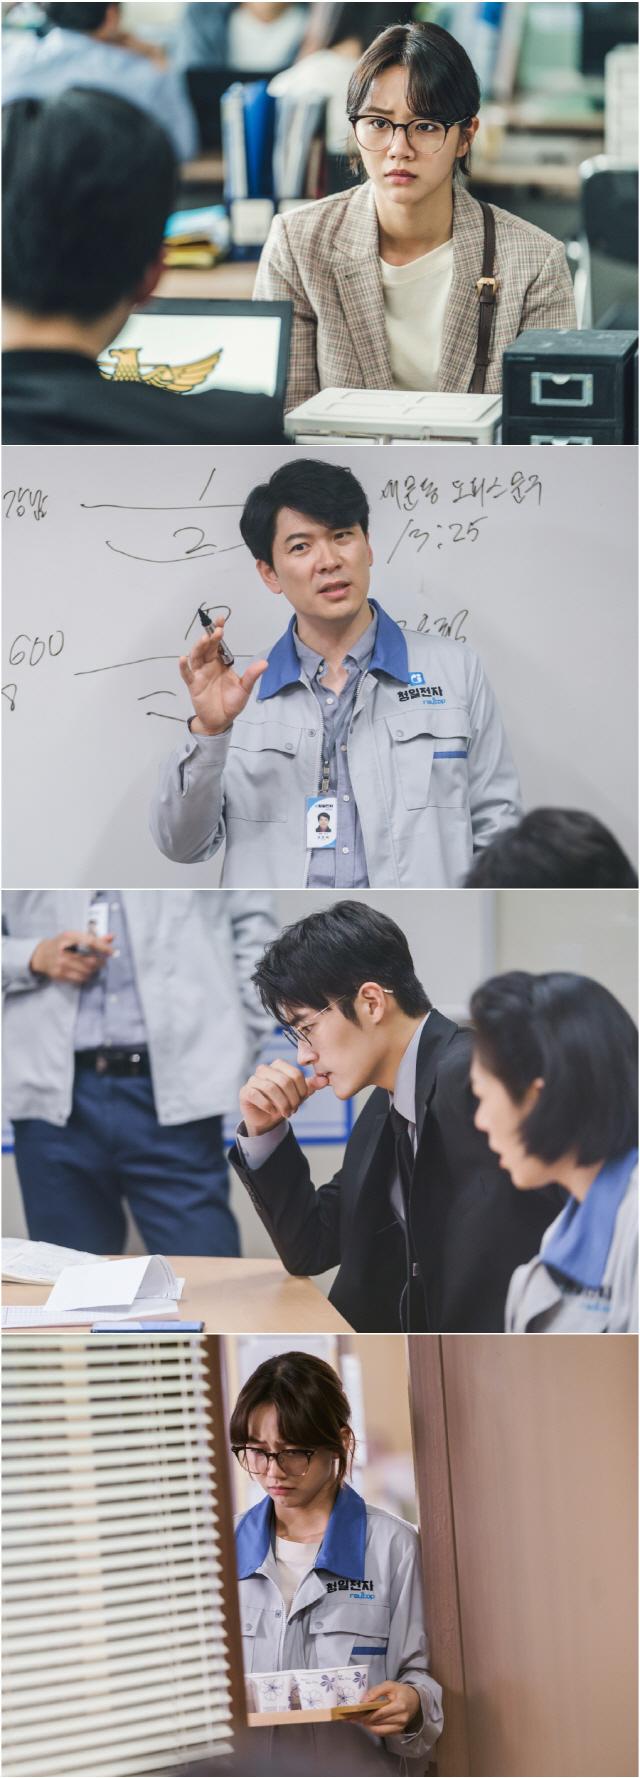 '청일전자 미쓰리' 김상경, 수사반장 뺨치는 열혈 브리핑 현장 포착